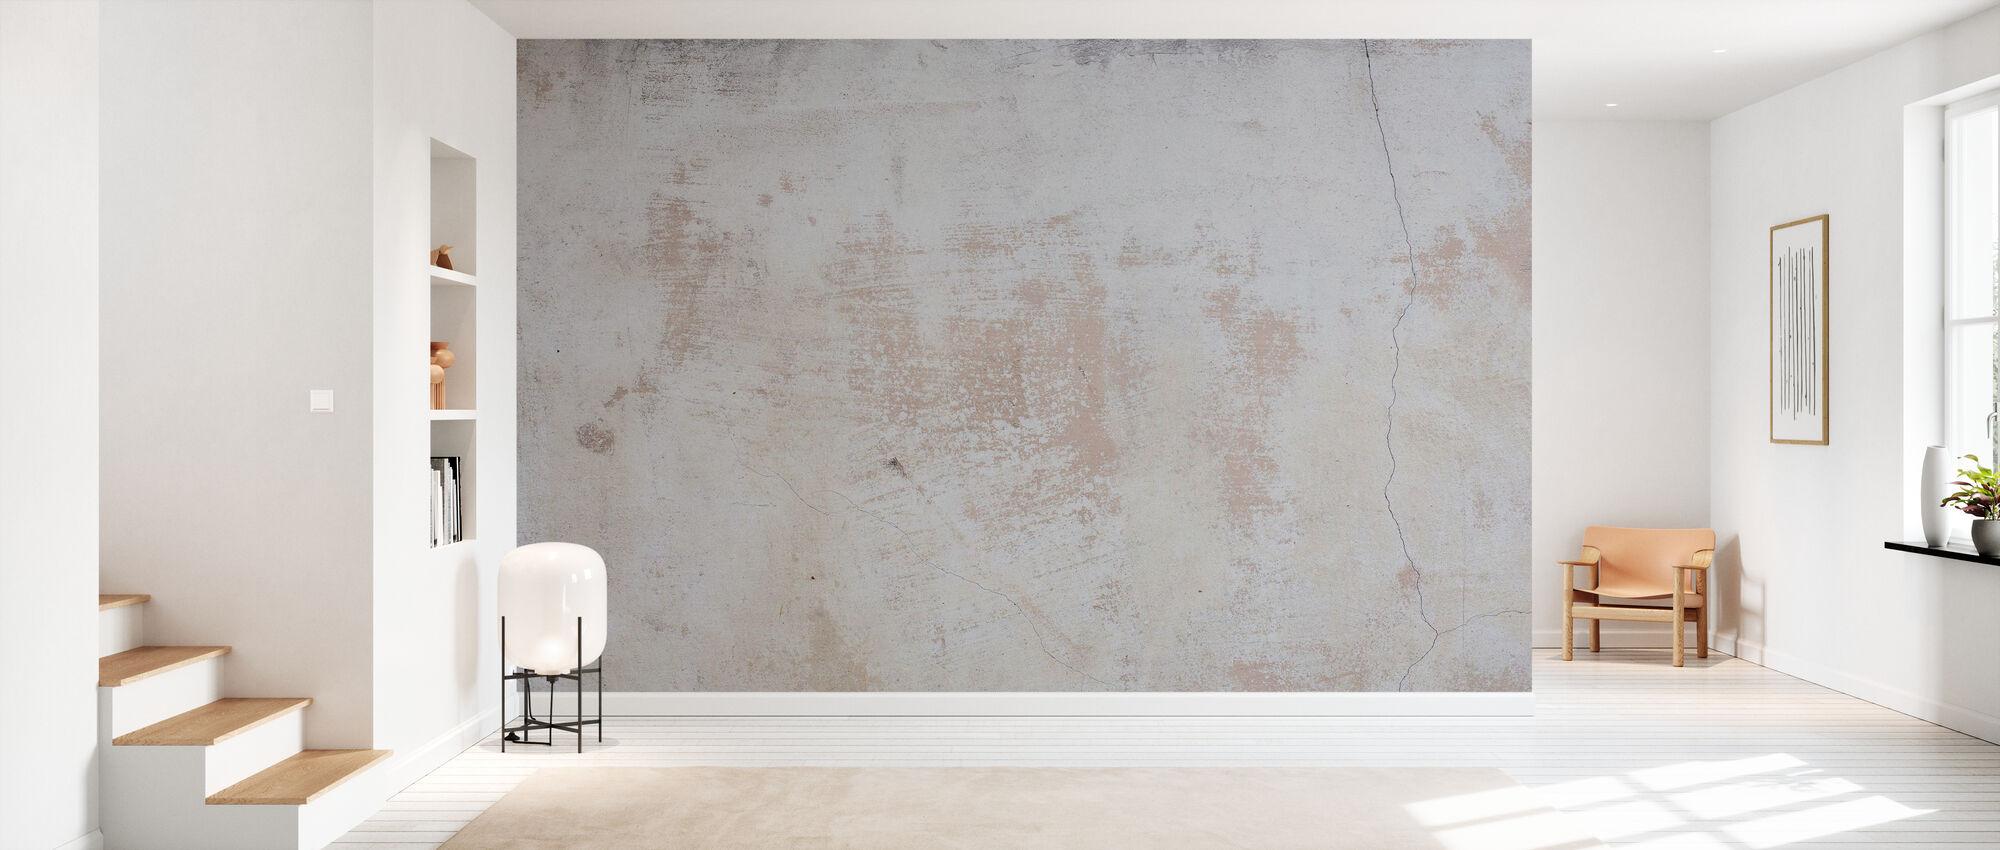 Mur effiloché - Papier peint - Entrée